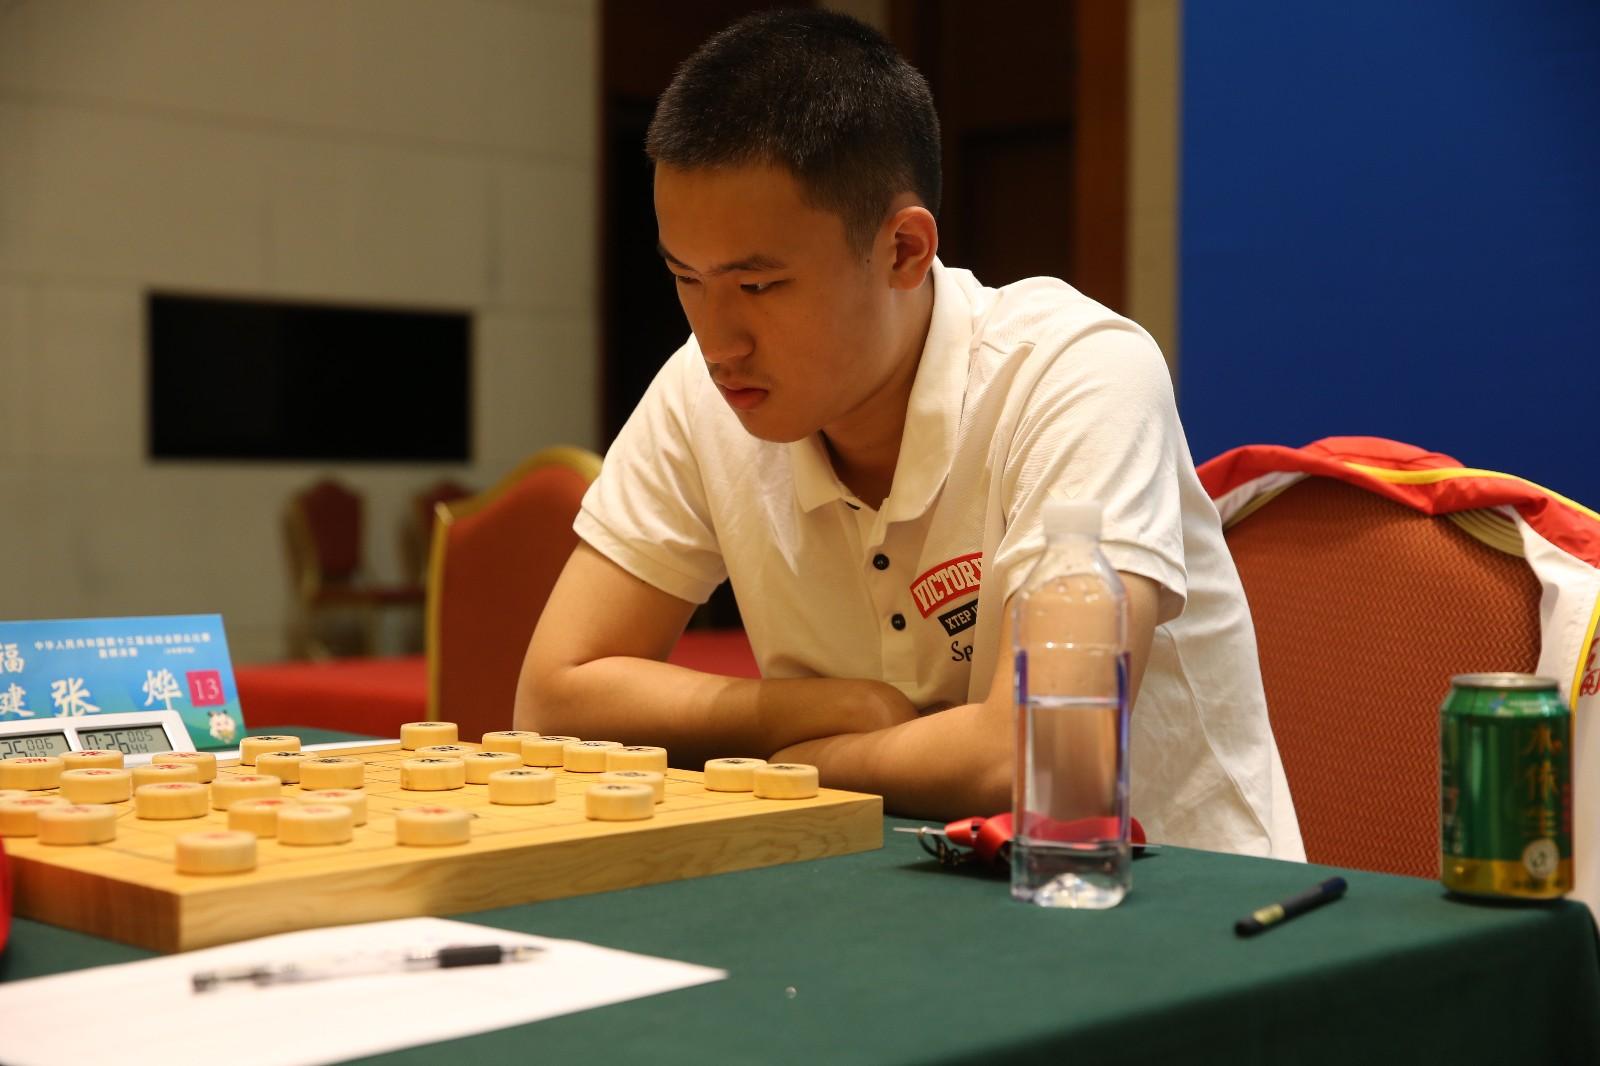 14岁腼腆少年为福建赢得一枚银牌 站上全运领奖台